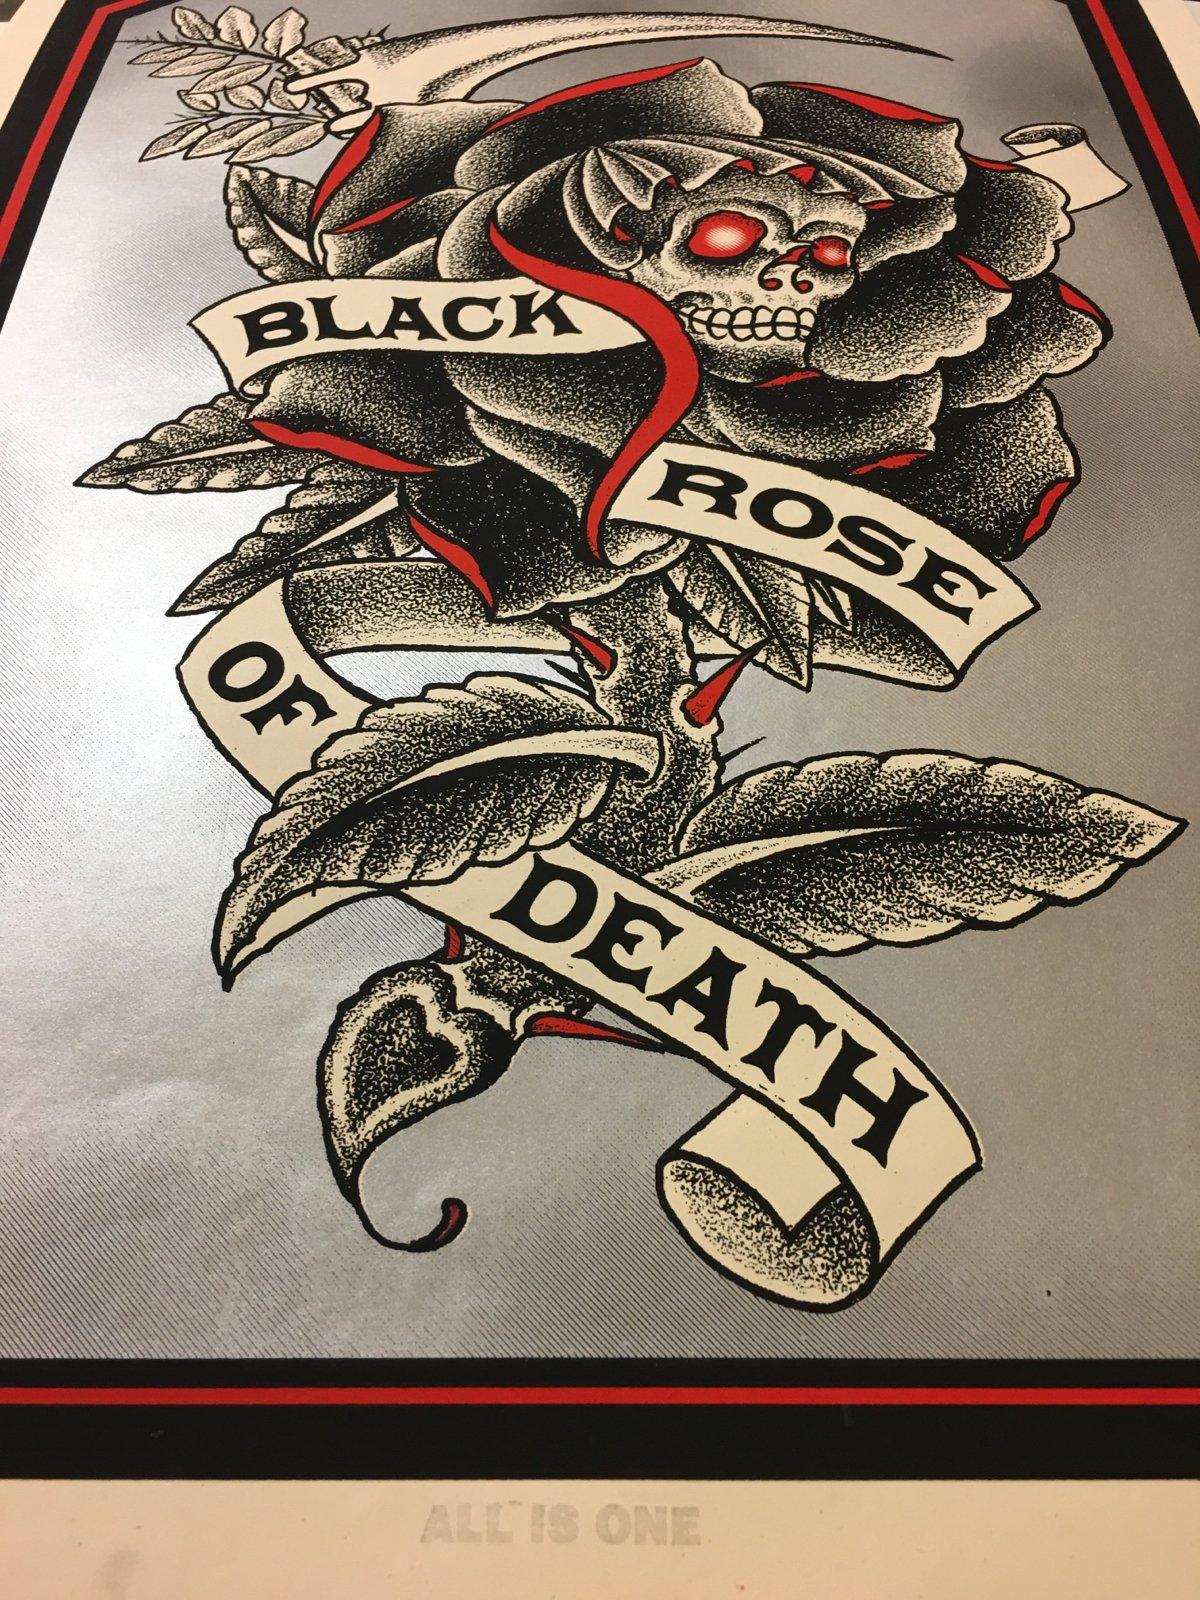 Image of Black Rose of Death